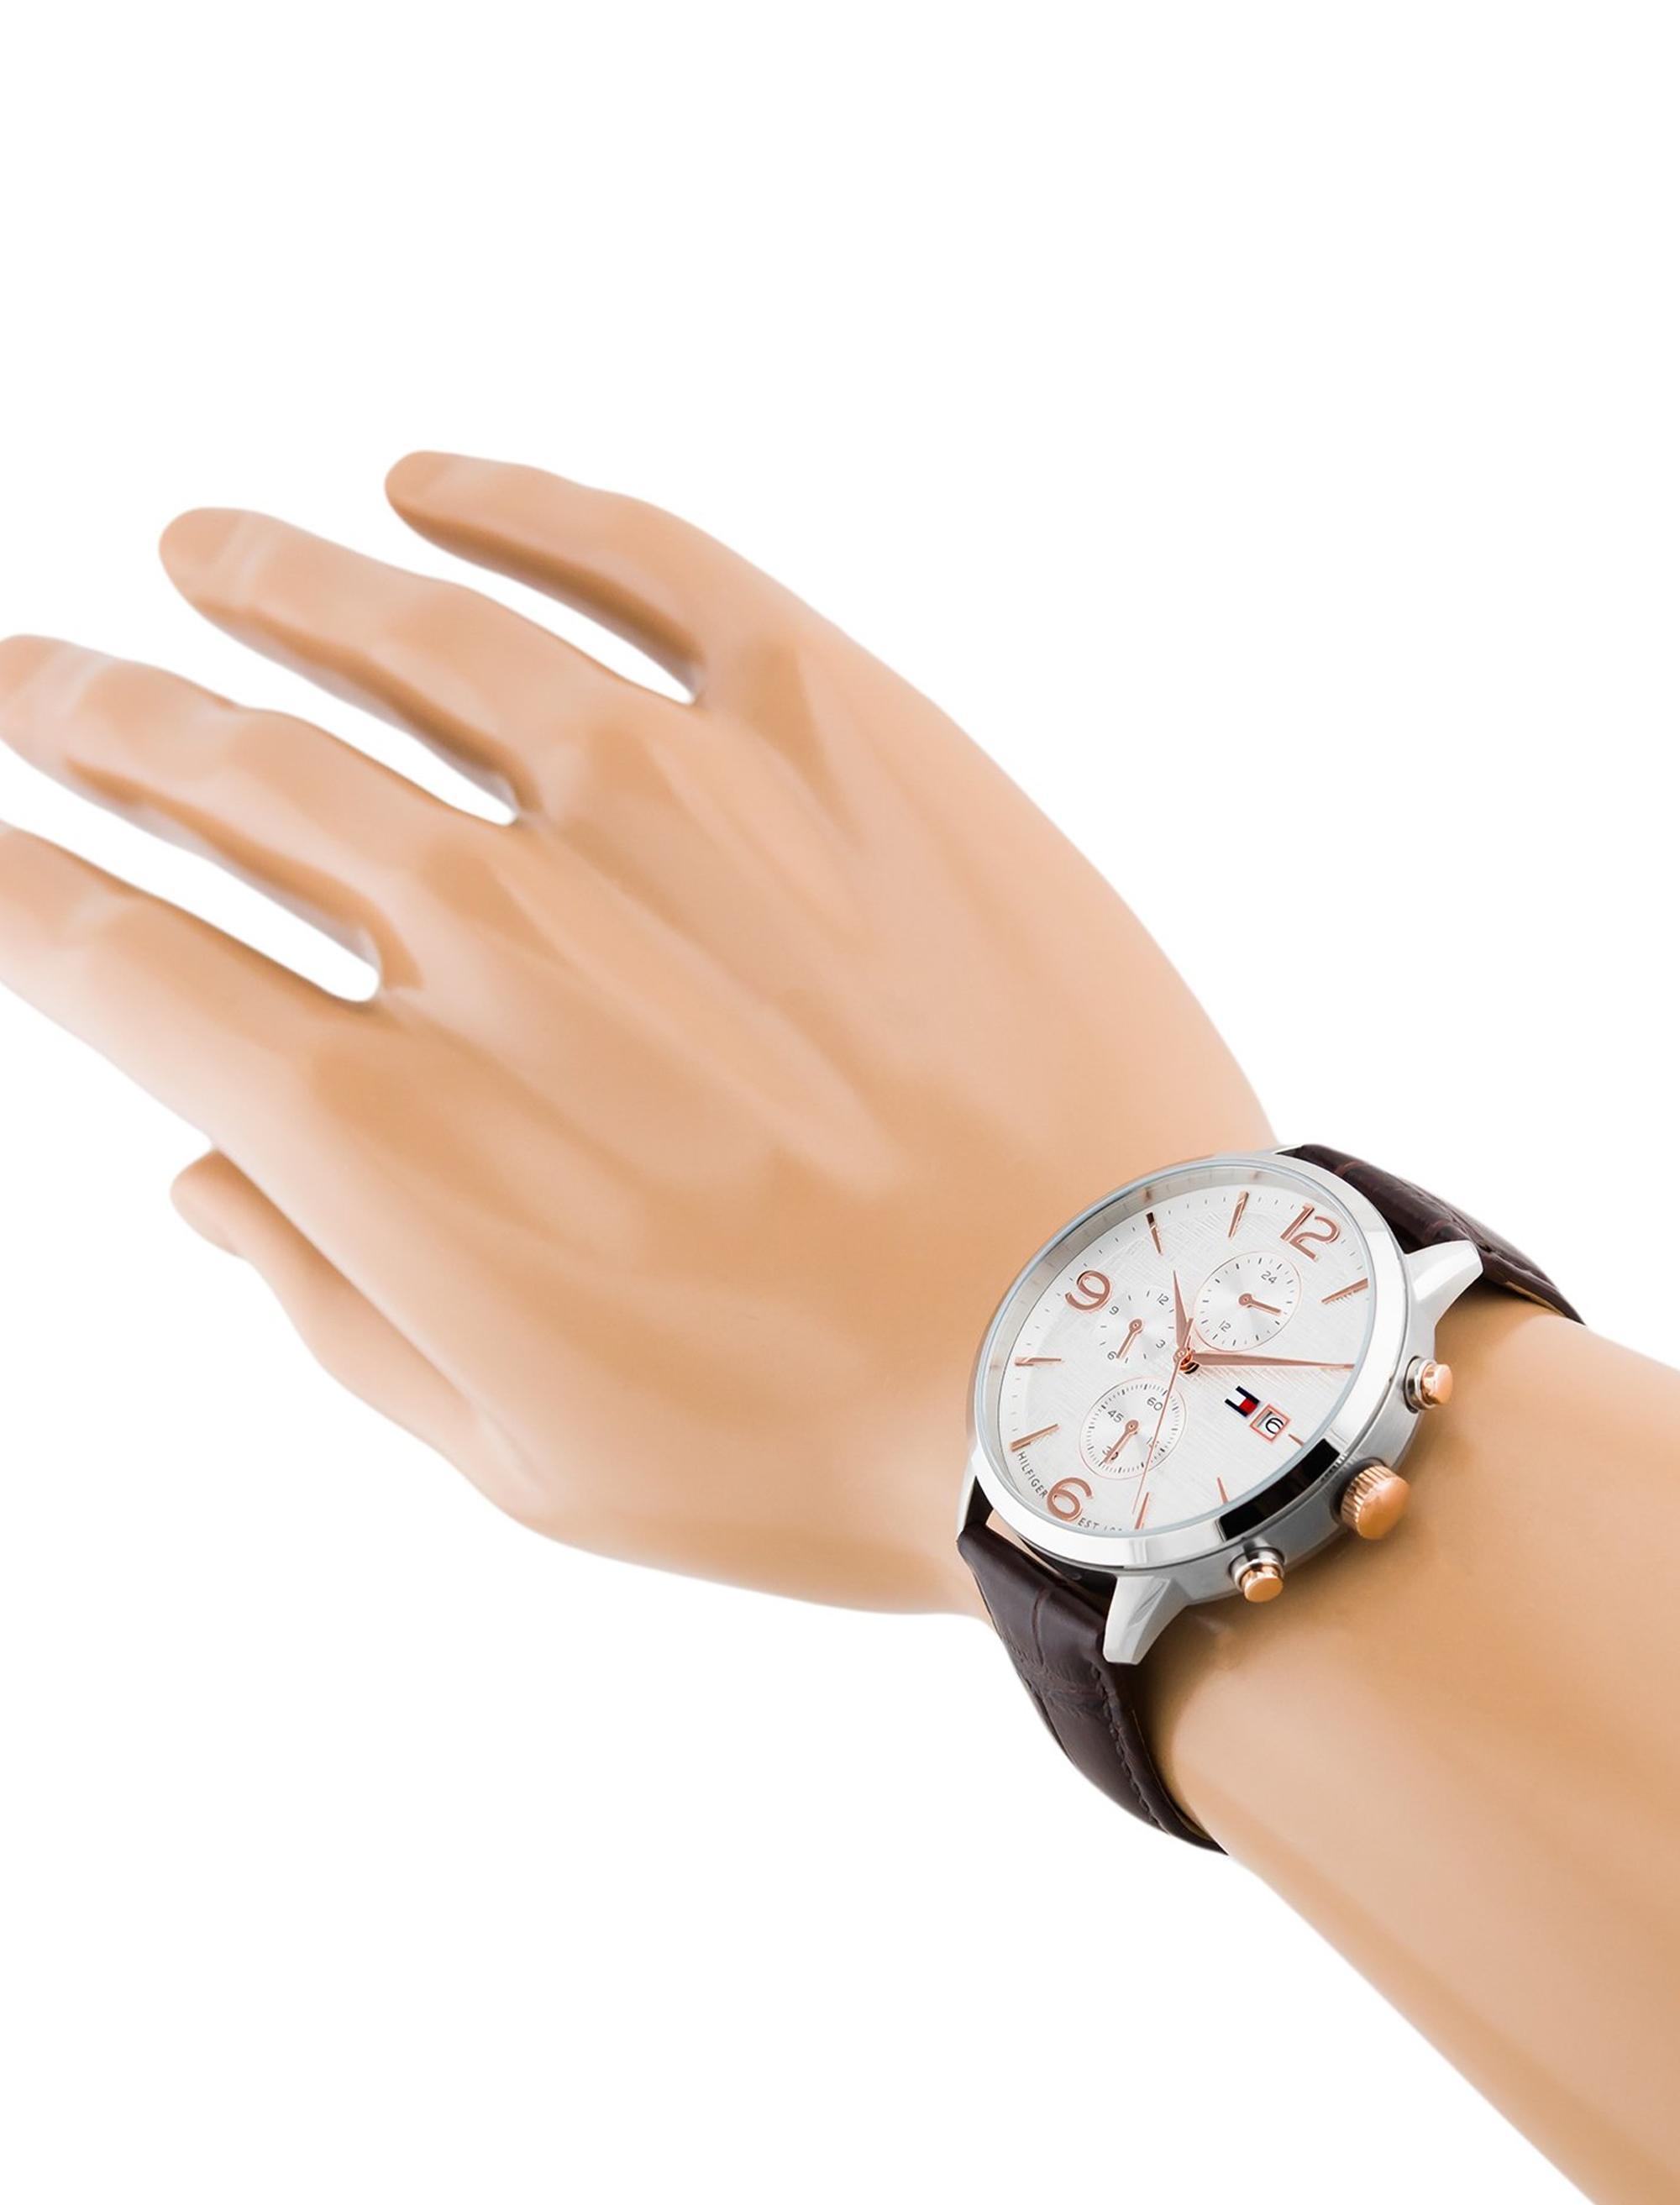 ساعت مچی عقربه ای مردانه تامی هیلفیگر مدل 1710360